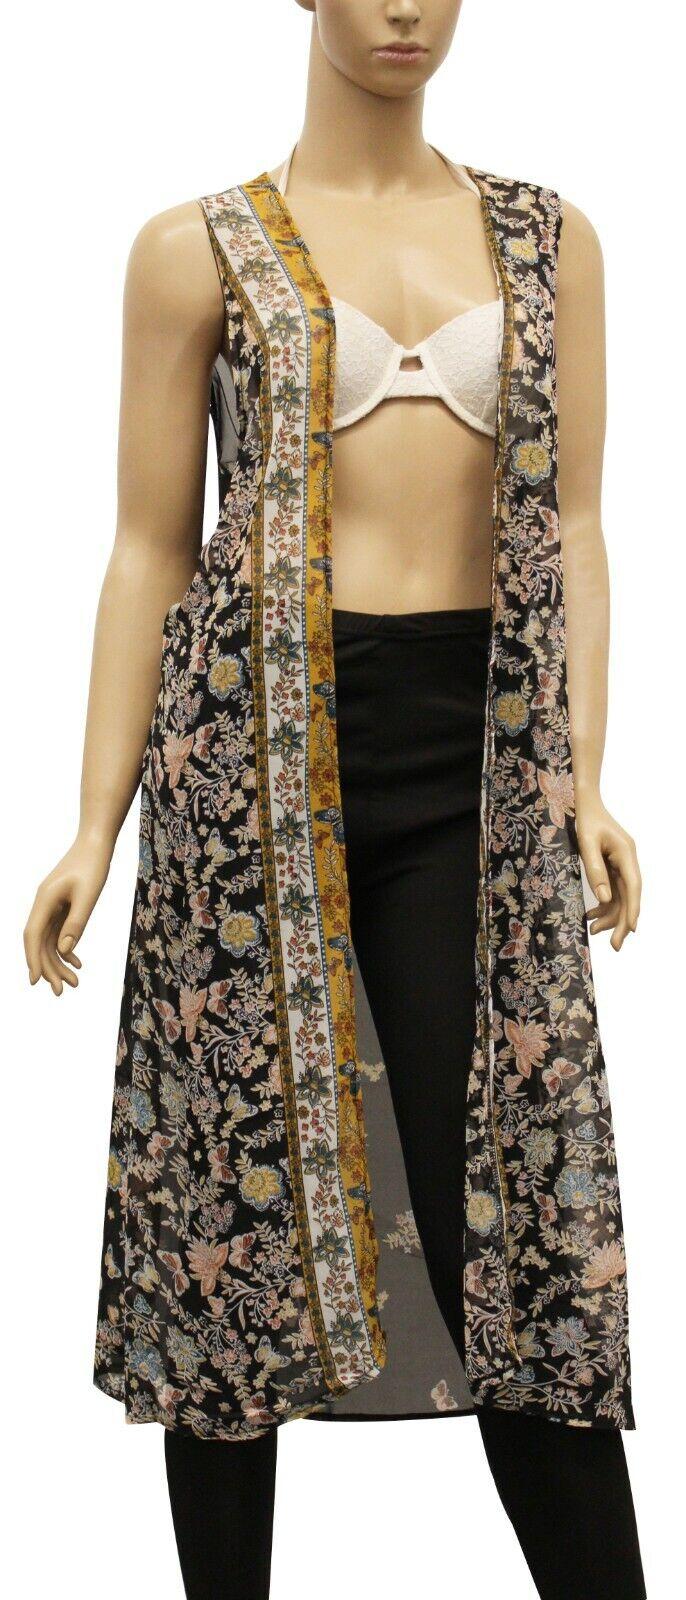 Womens Poncho Chiffon Kimono Black Floral Tank Dress Top Swi